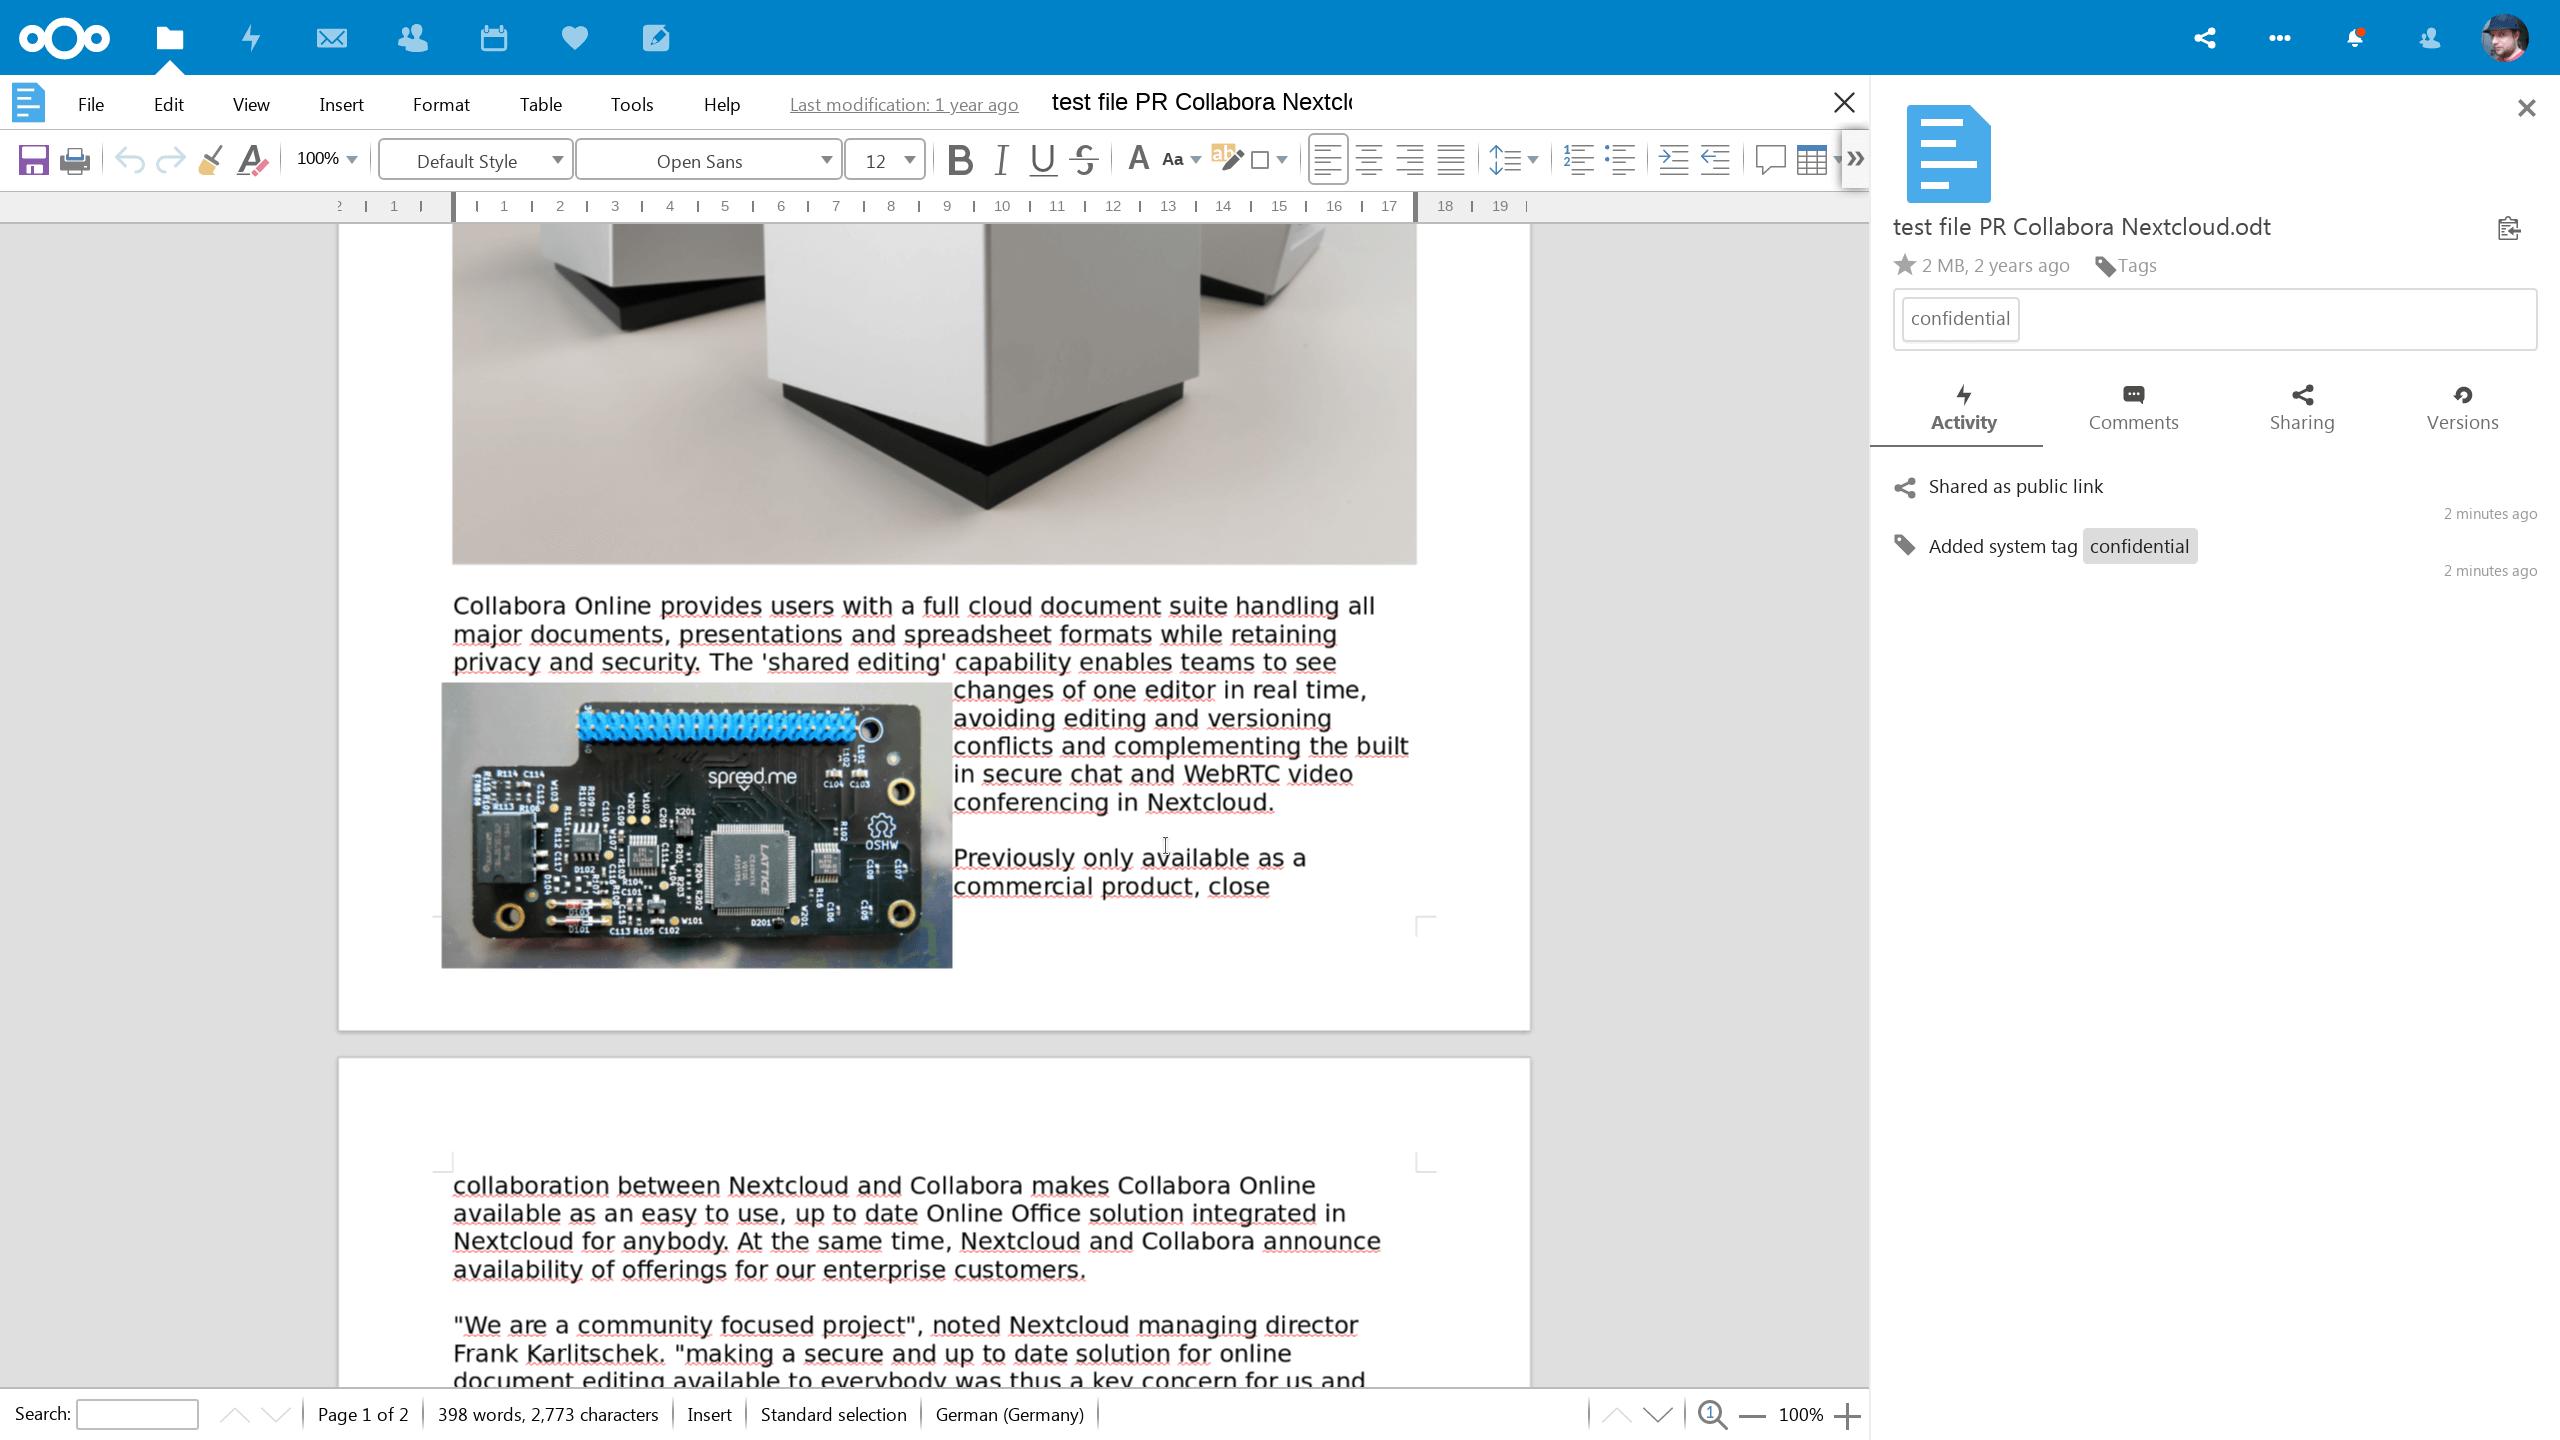 Tags, watermarks, etc. Tout est présent pour créer ses Virtual Data Rooms